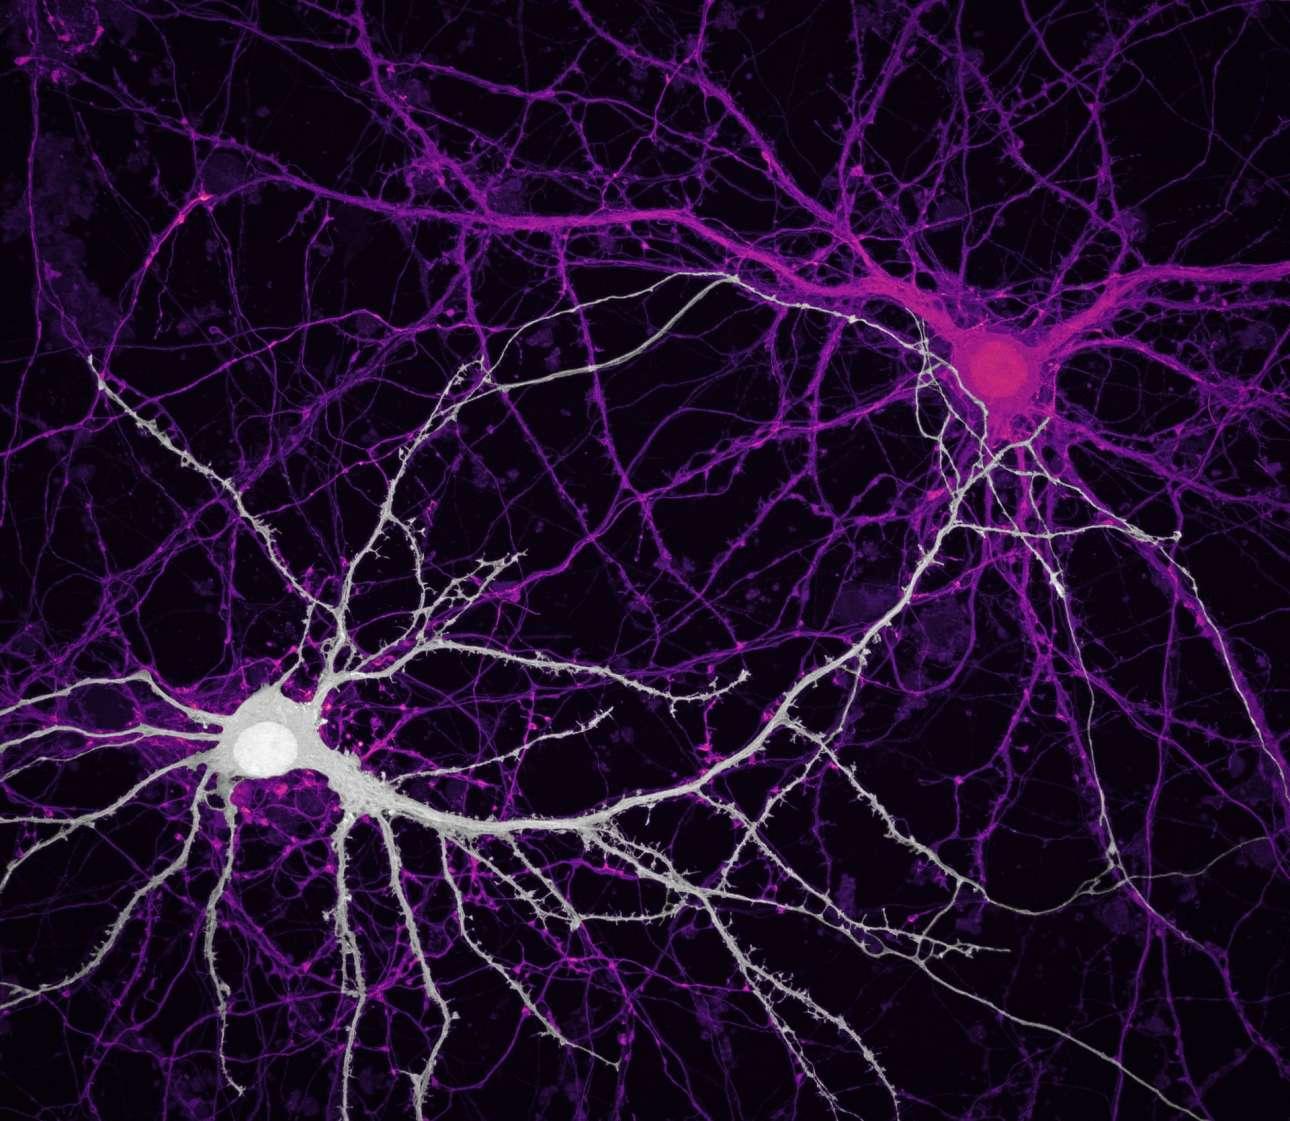 Εντυπωσιακή εικόνα των νευρωνικών δικτύων ενός ιππόκαμπου όπως την κατέγραψαν ερευνητές του Κολλεγίου Ιατρικής Baylor στο Χιούστον